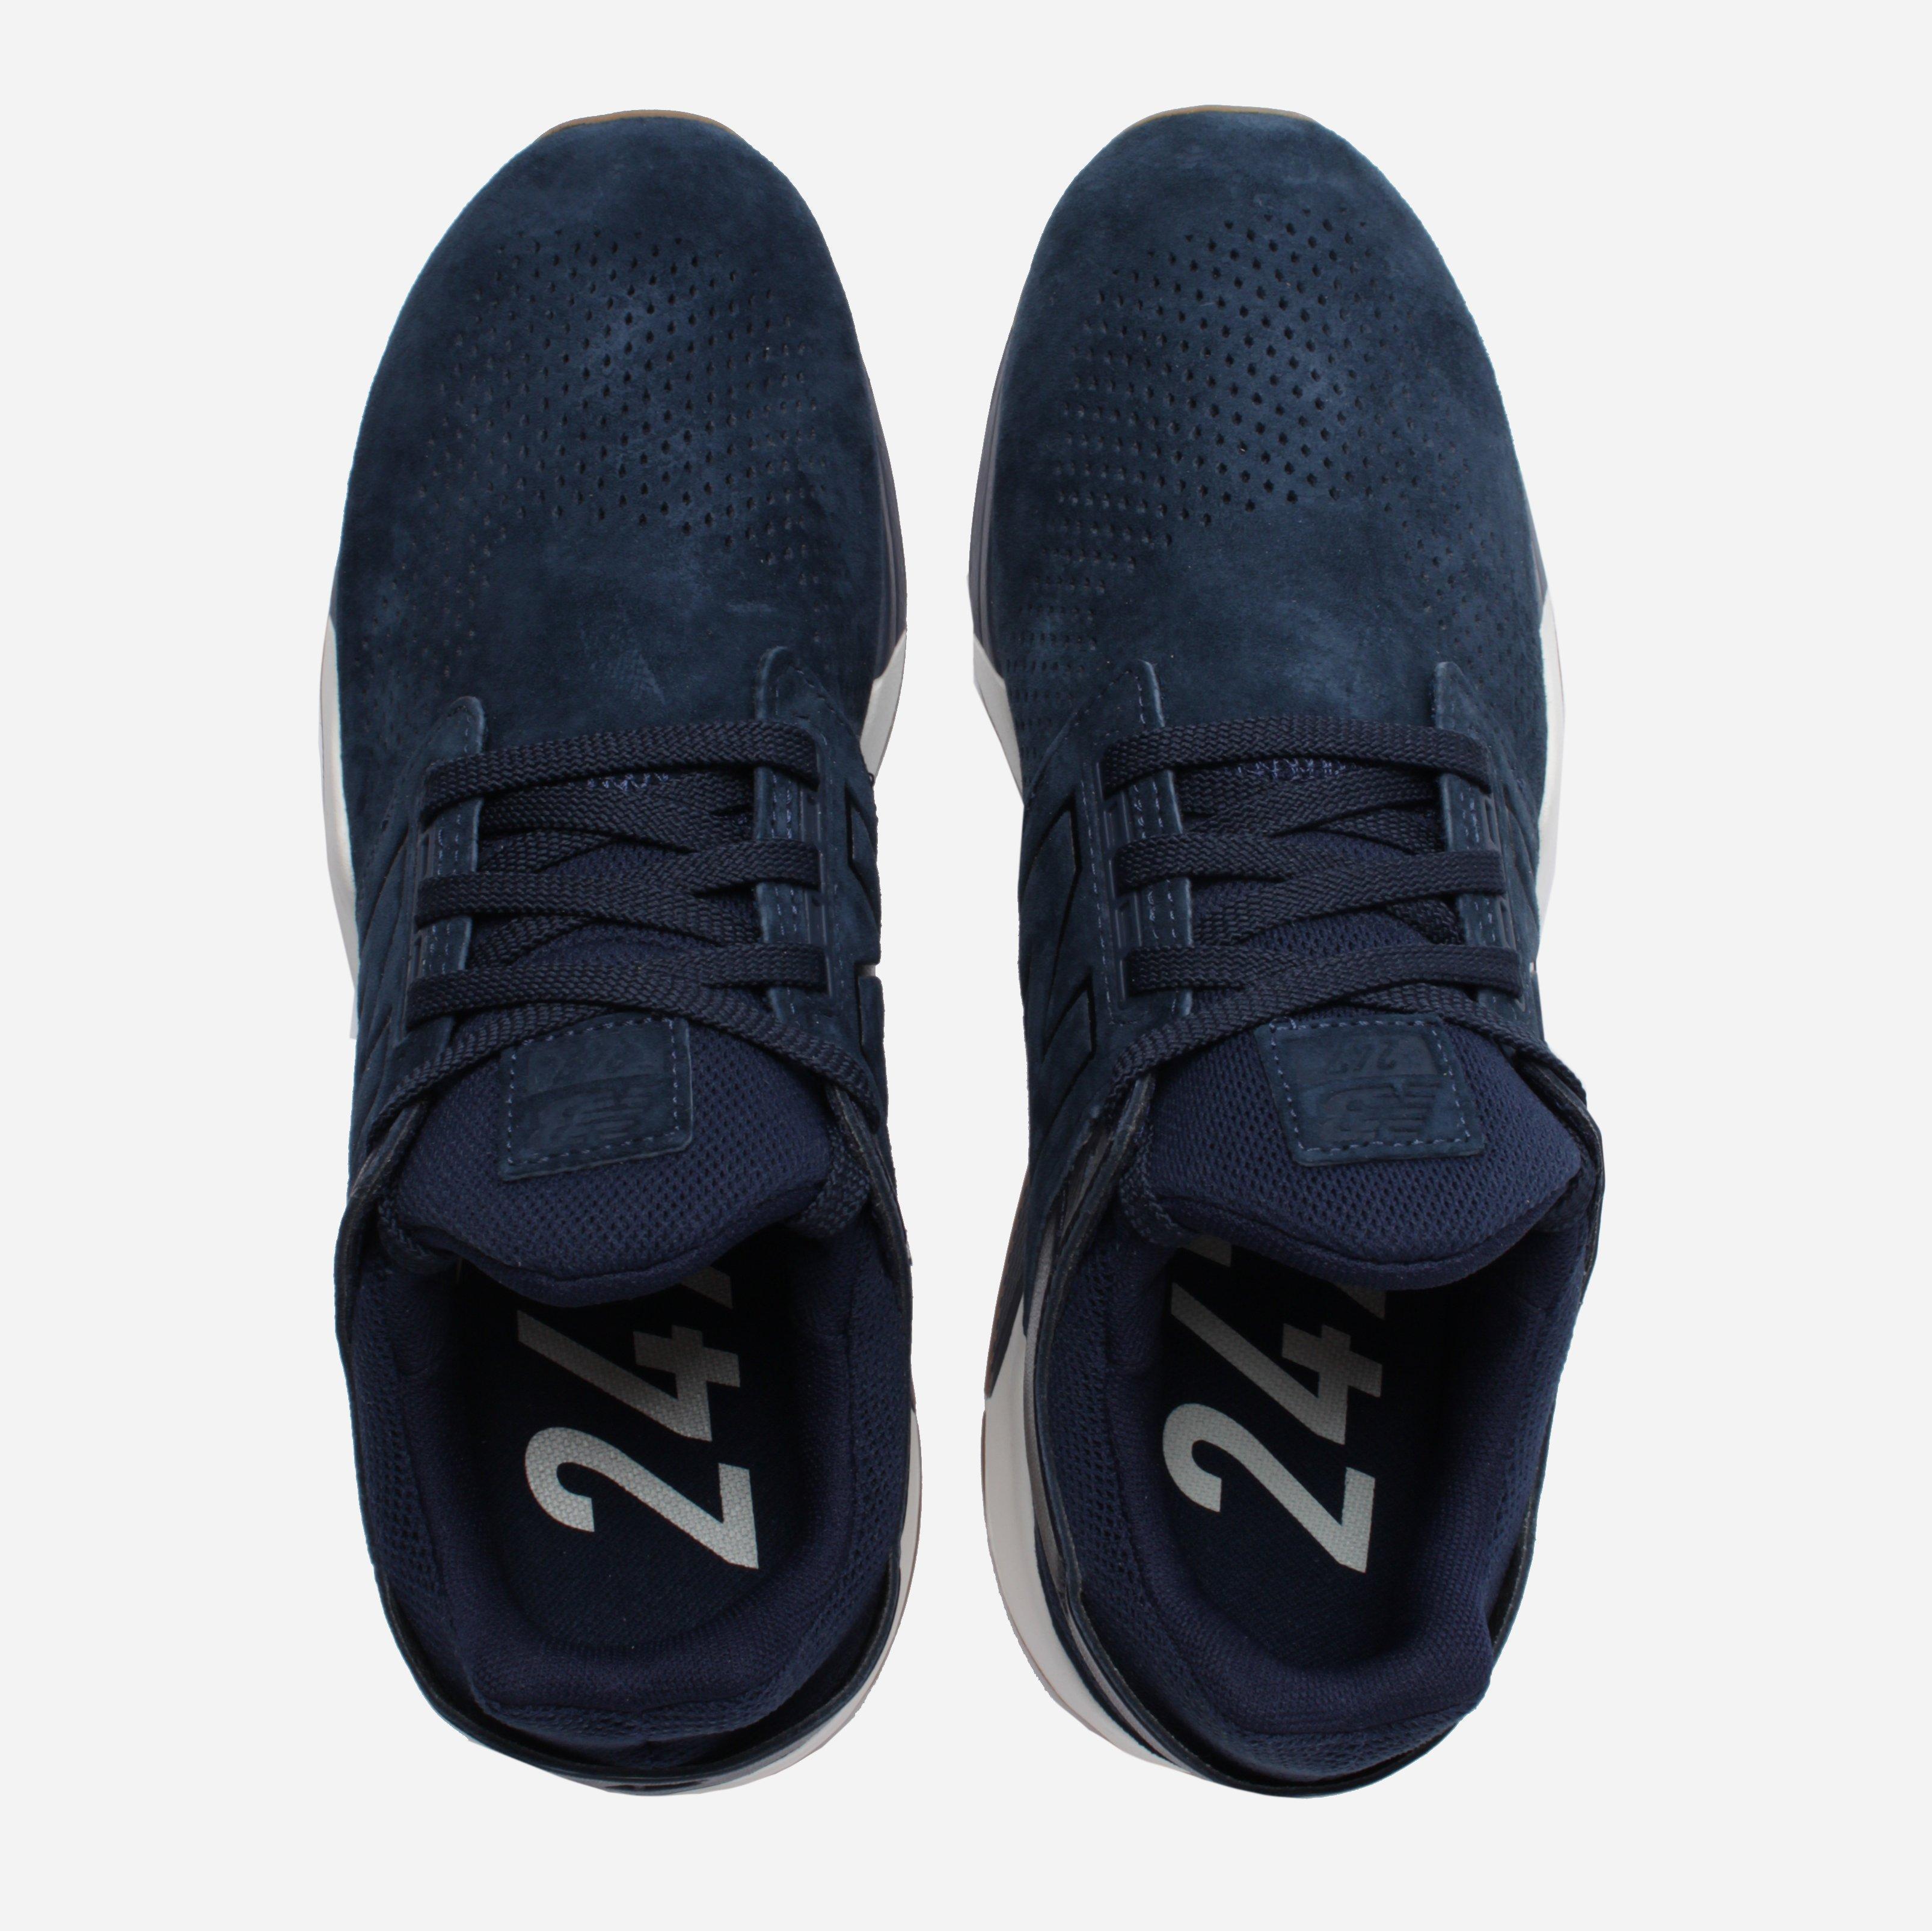 New Balance Blue Ms 247 Lt for men